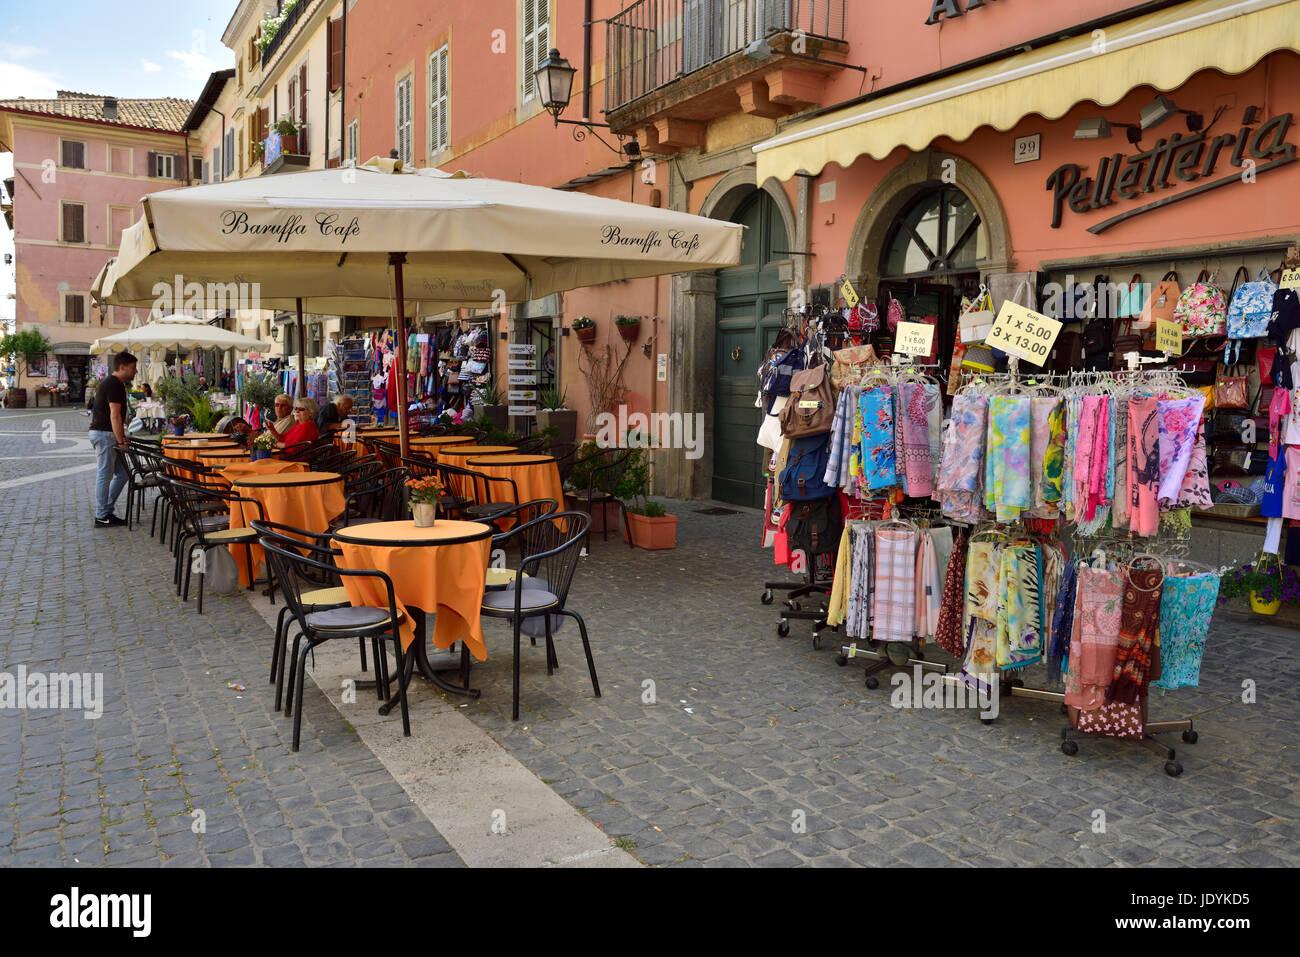 Central square (Piazza della Libertà) in village of Castel Gandolfo, Italy - Stock Image